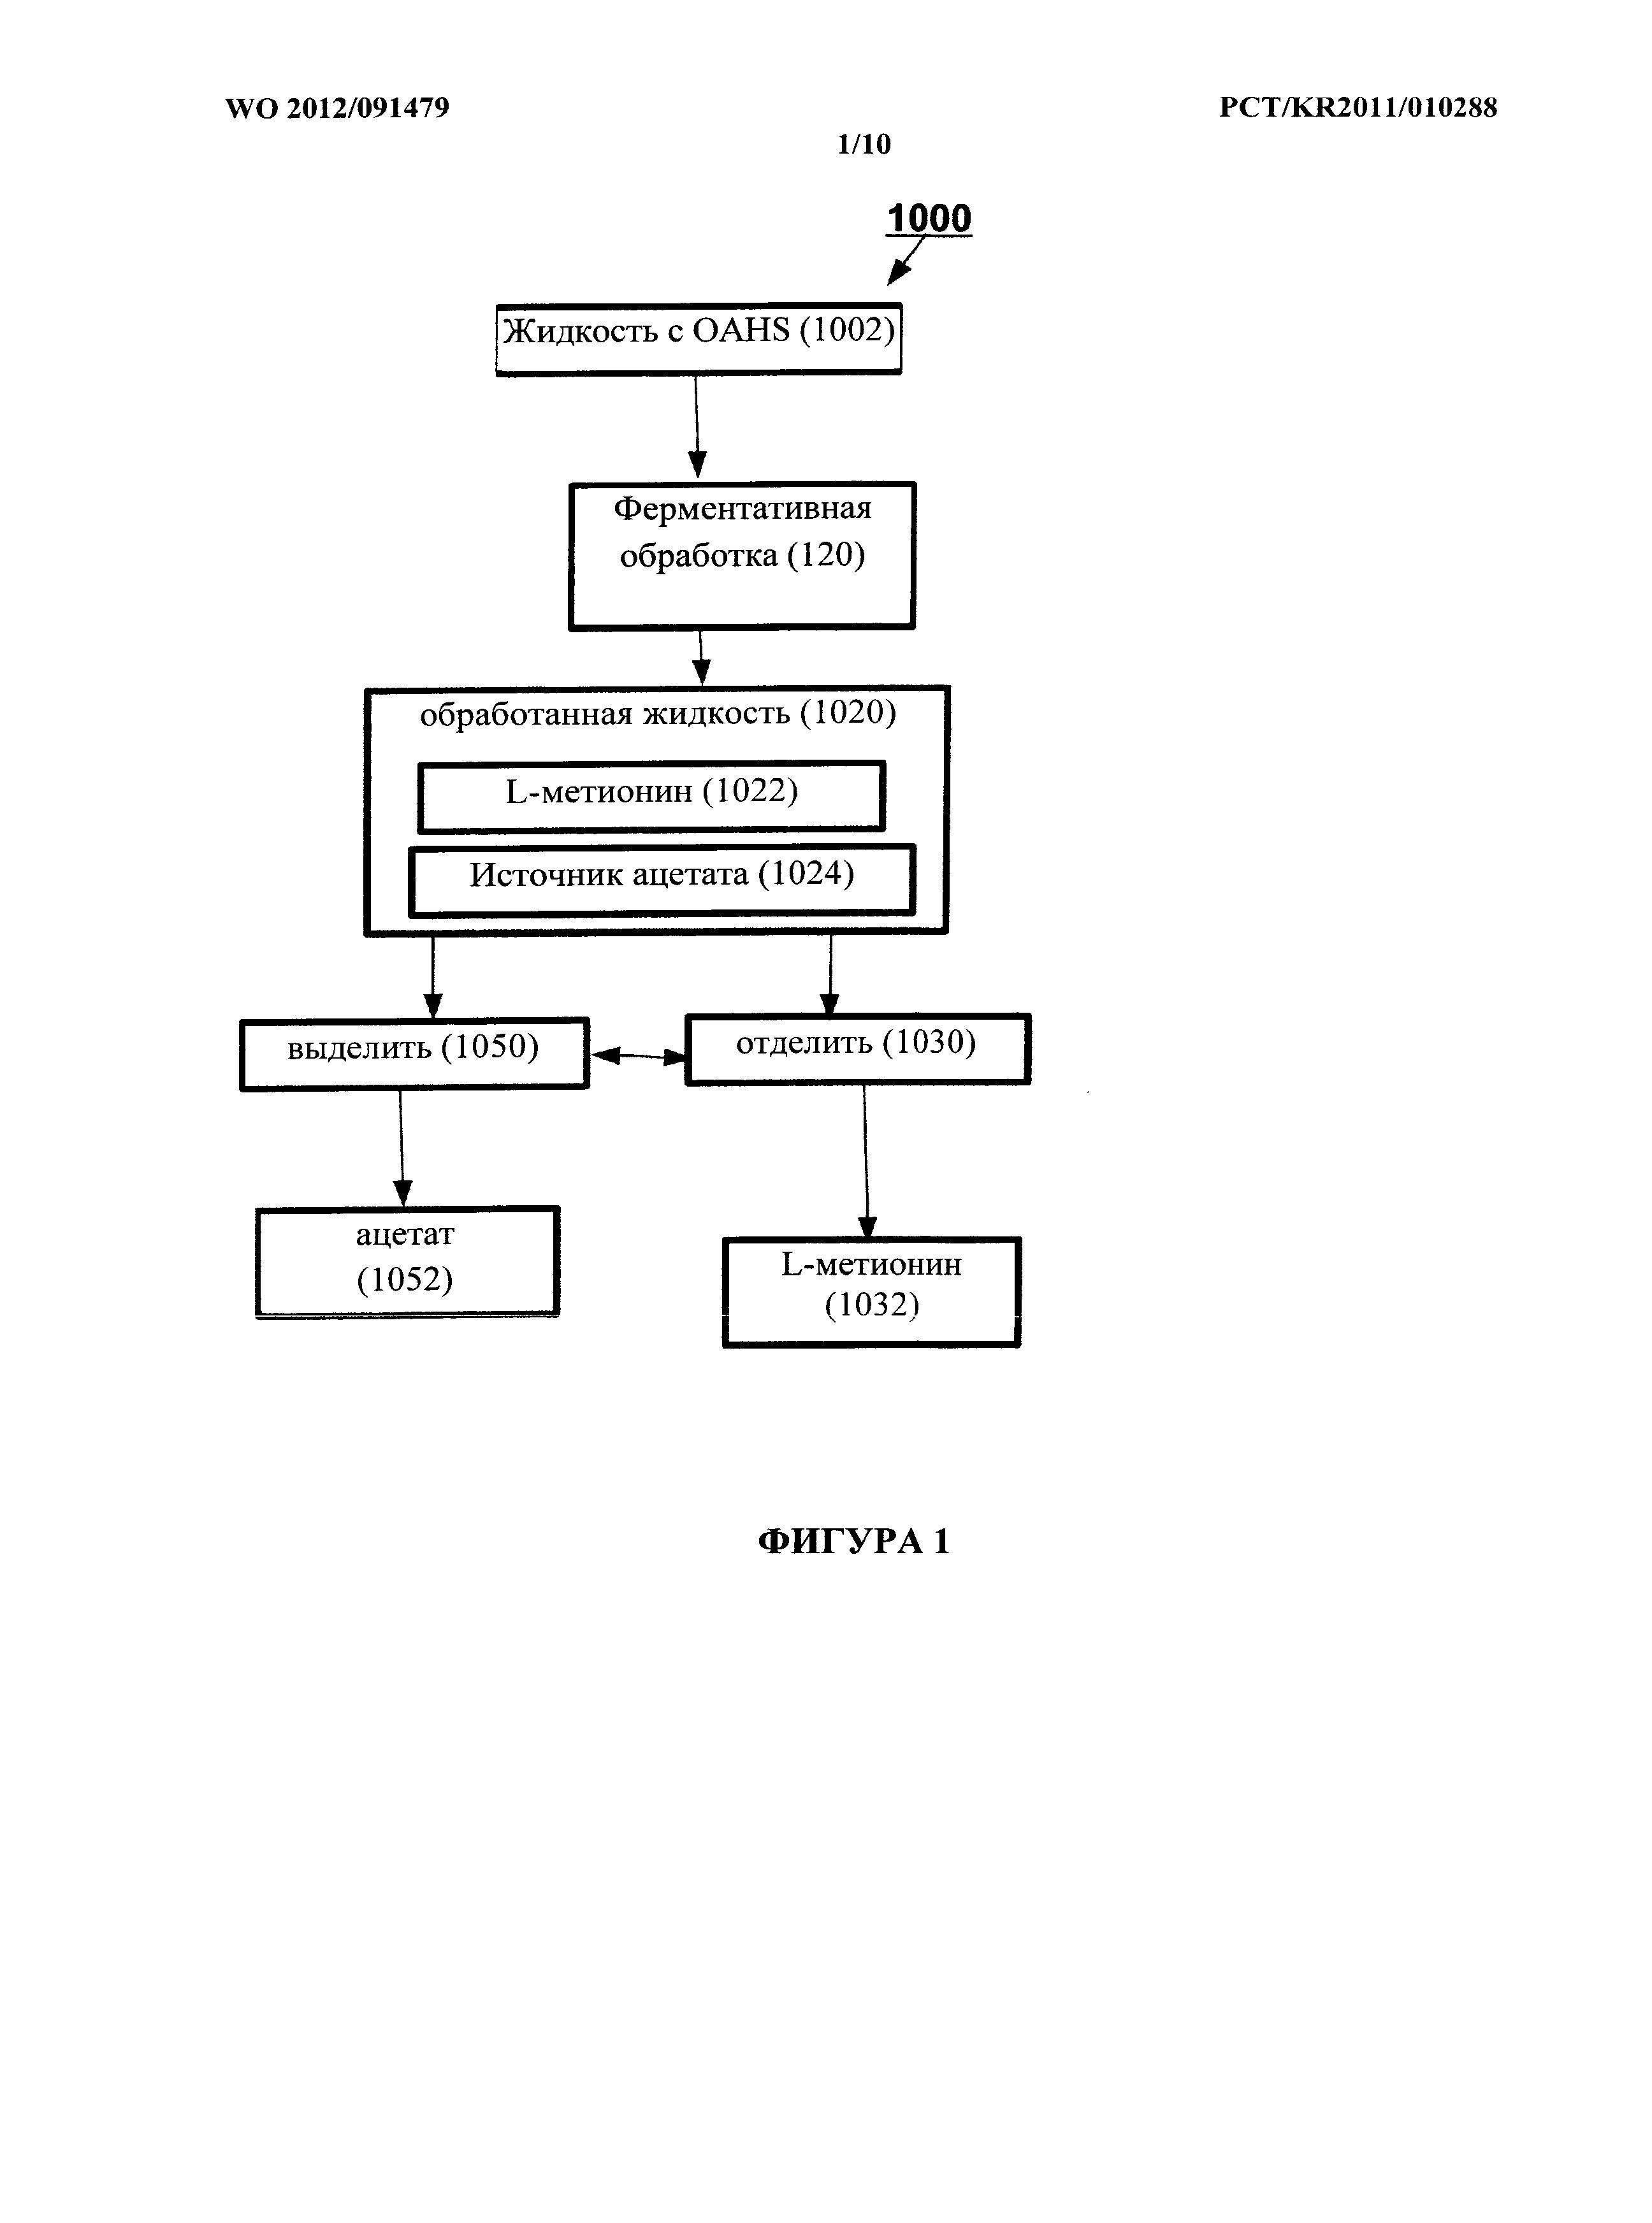 Способ получения l-метионина и родственных продуктов